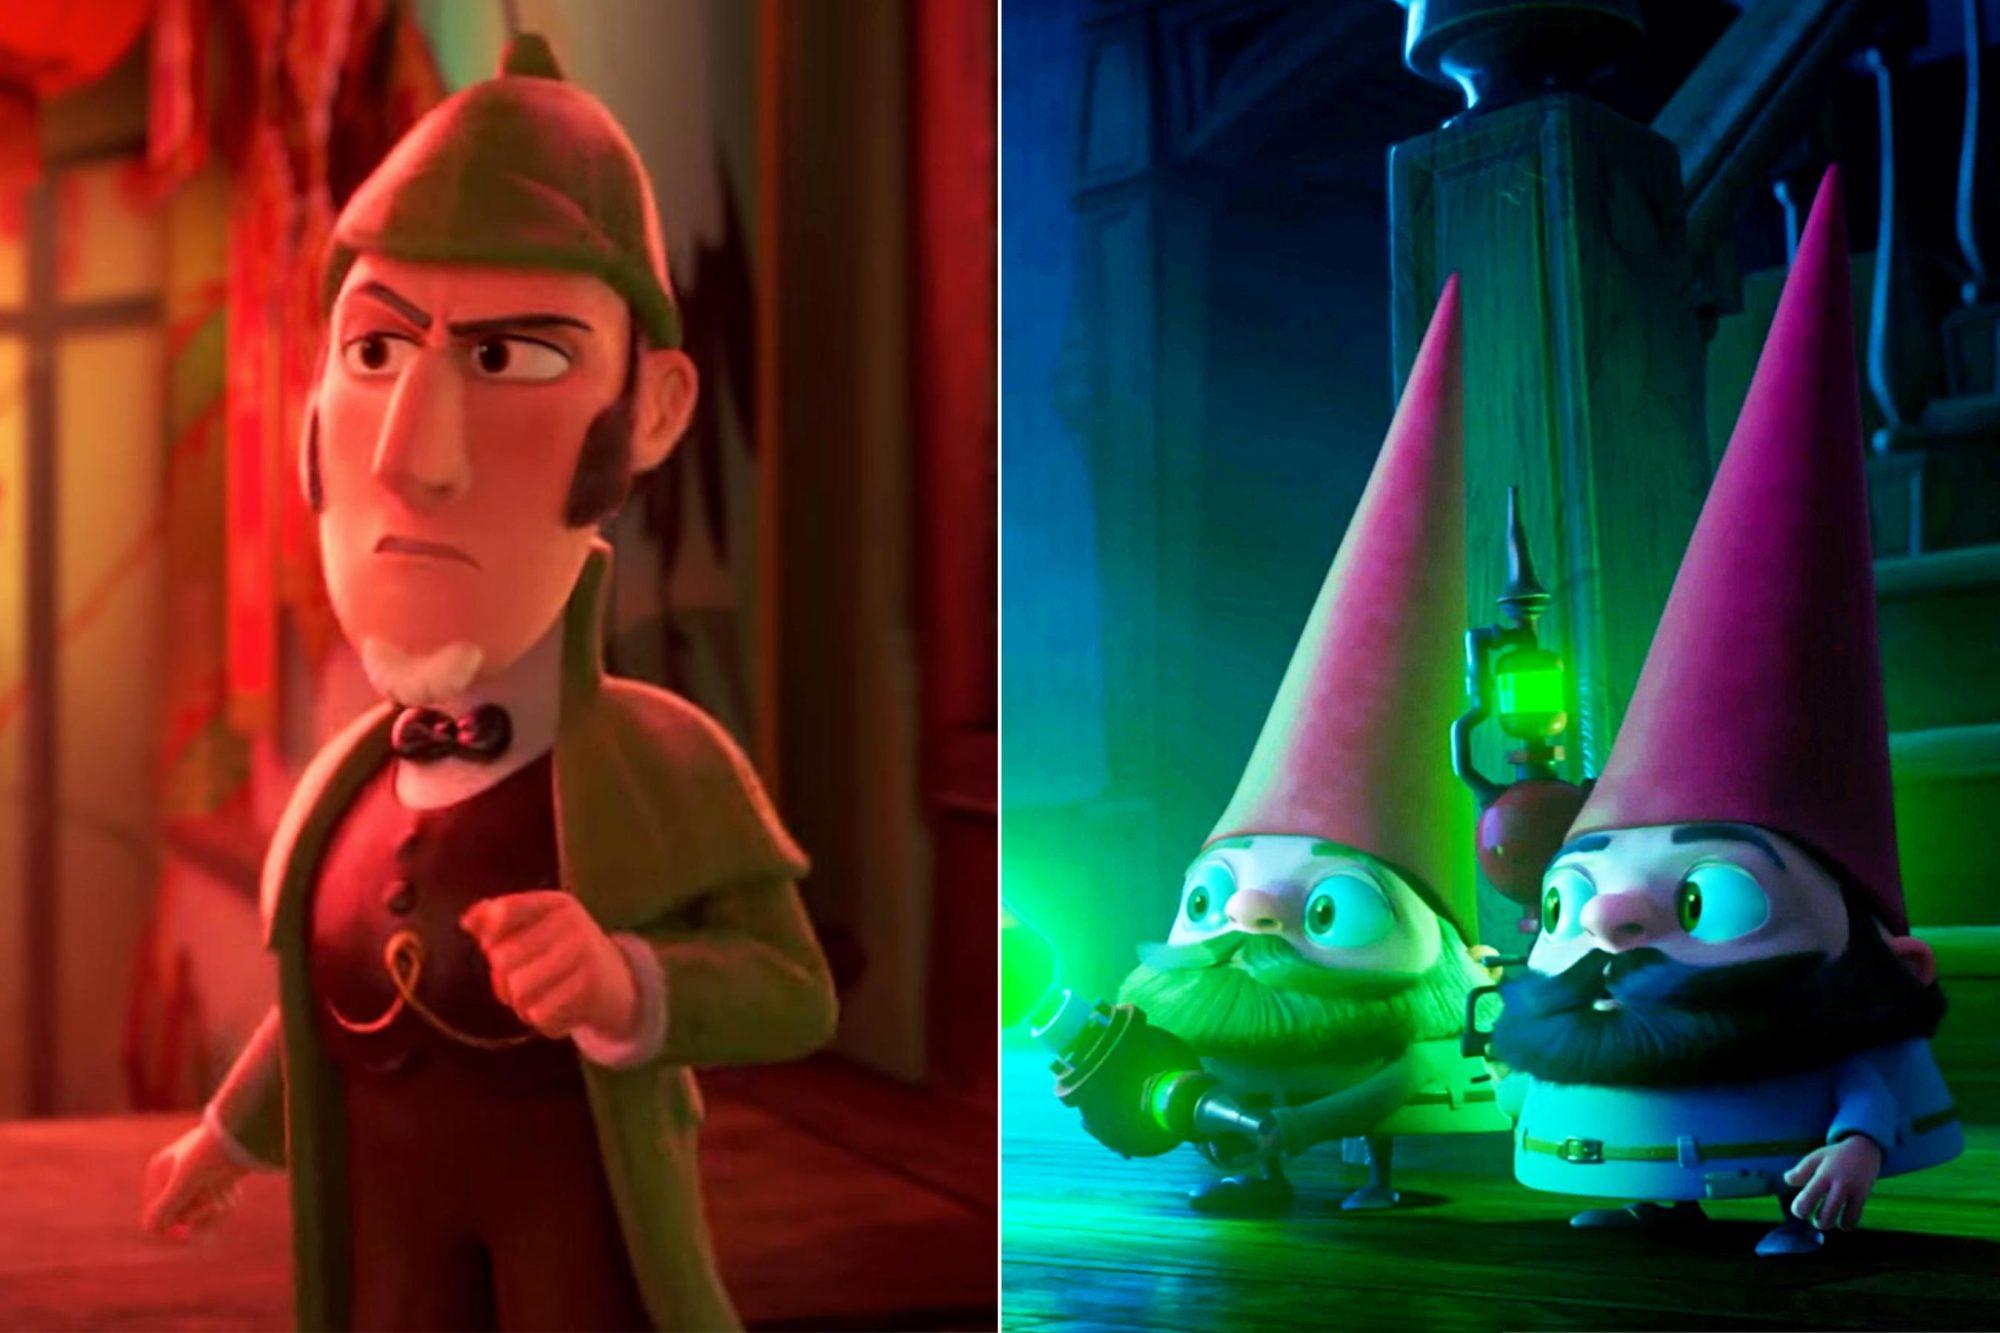 sherlock-gnomes-gnome-alone